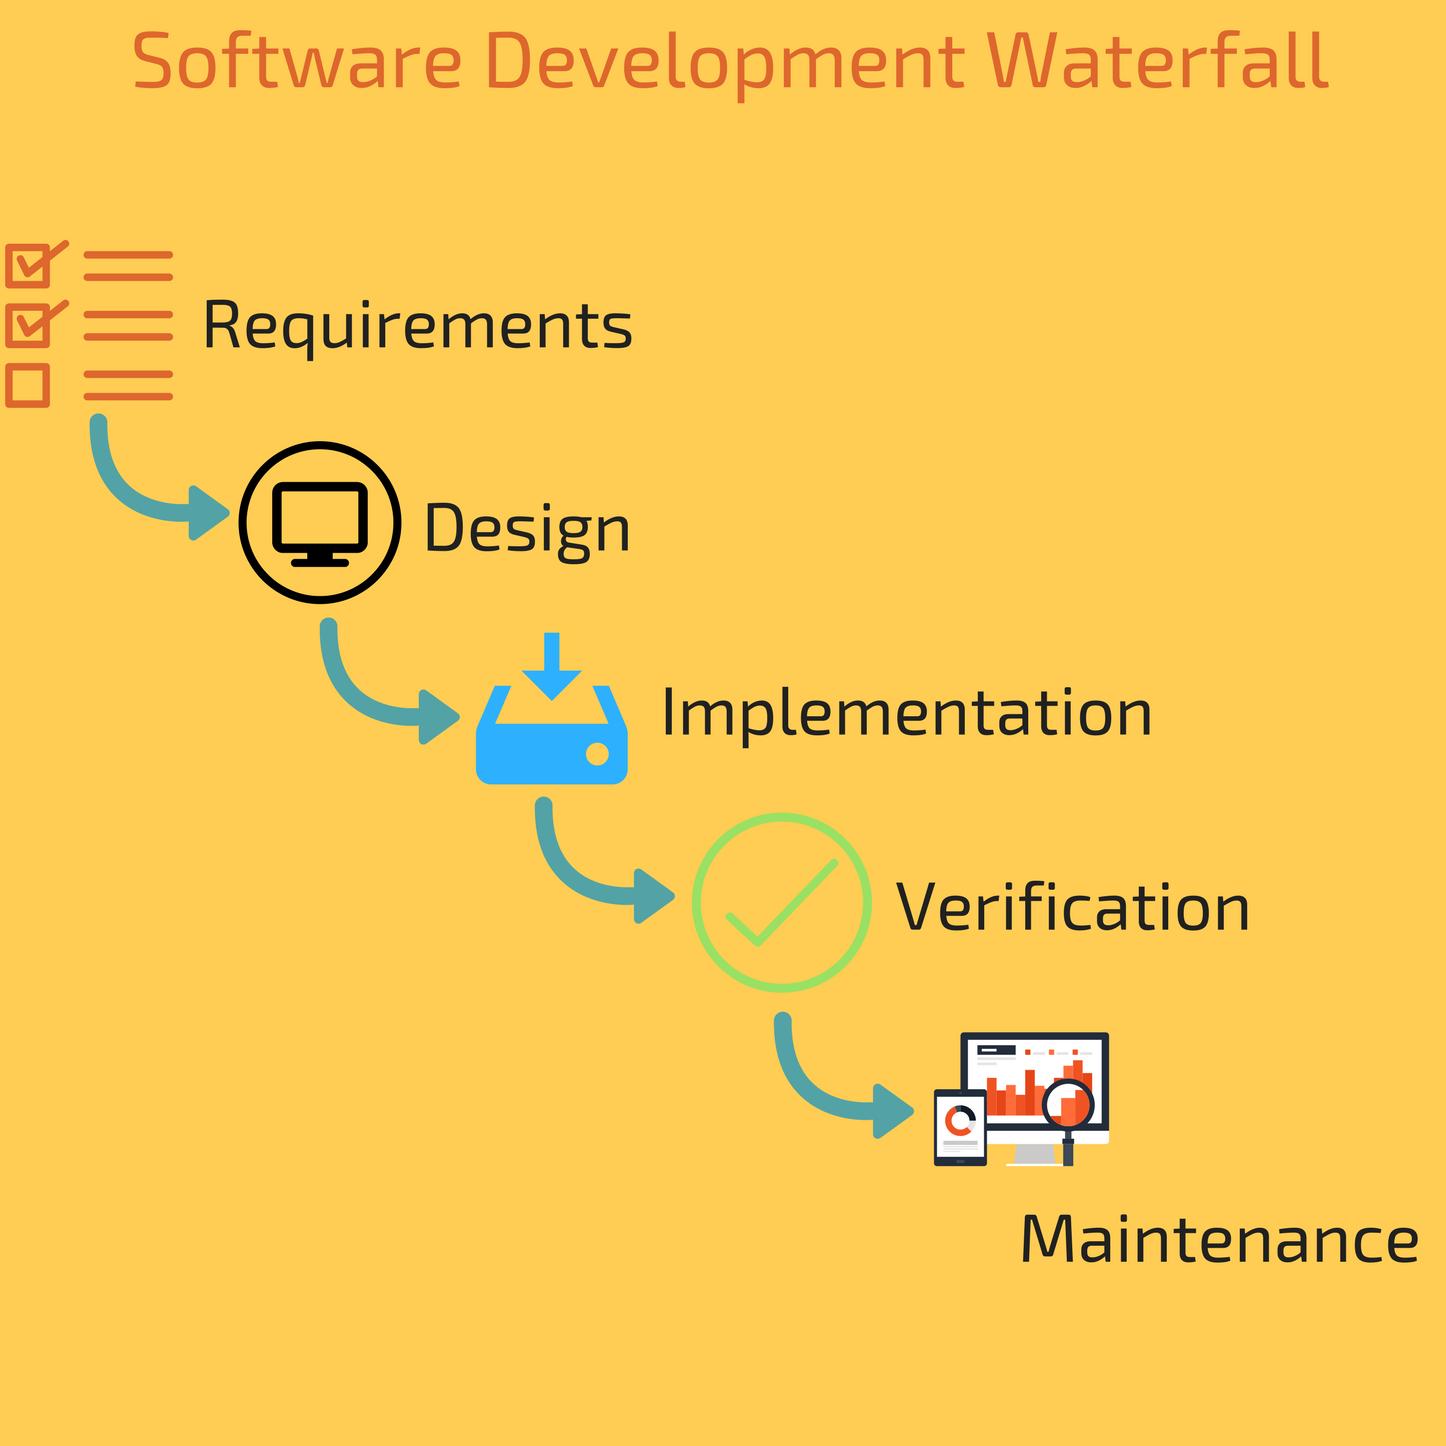 Waterfall Software Development Approach